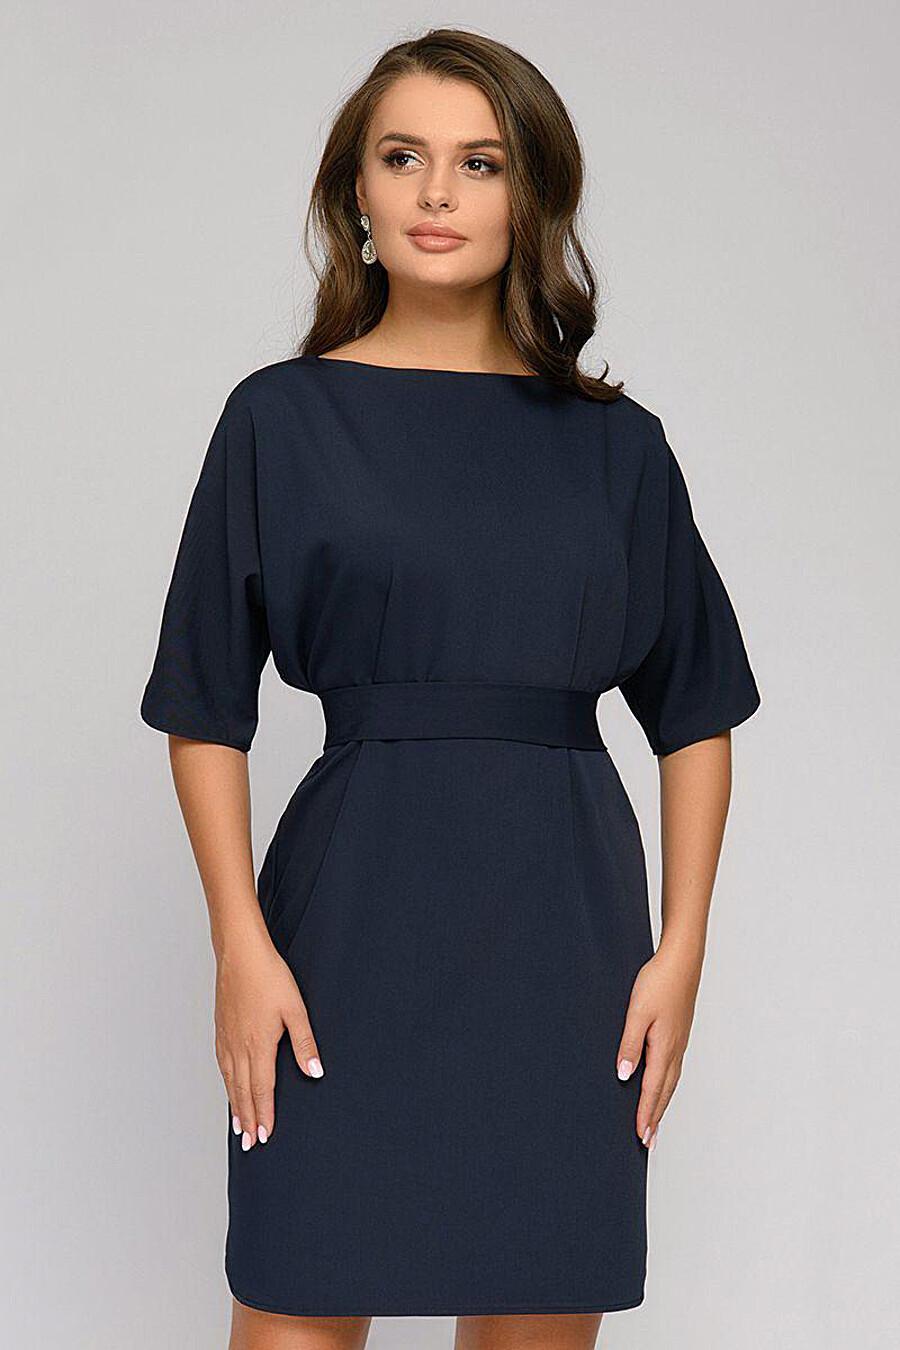 Платье для женщин 1001 DRESS 147257 купить оптом от производителя. Совместная покупка женской одежды в OptMoyo